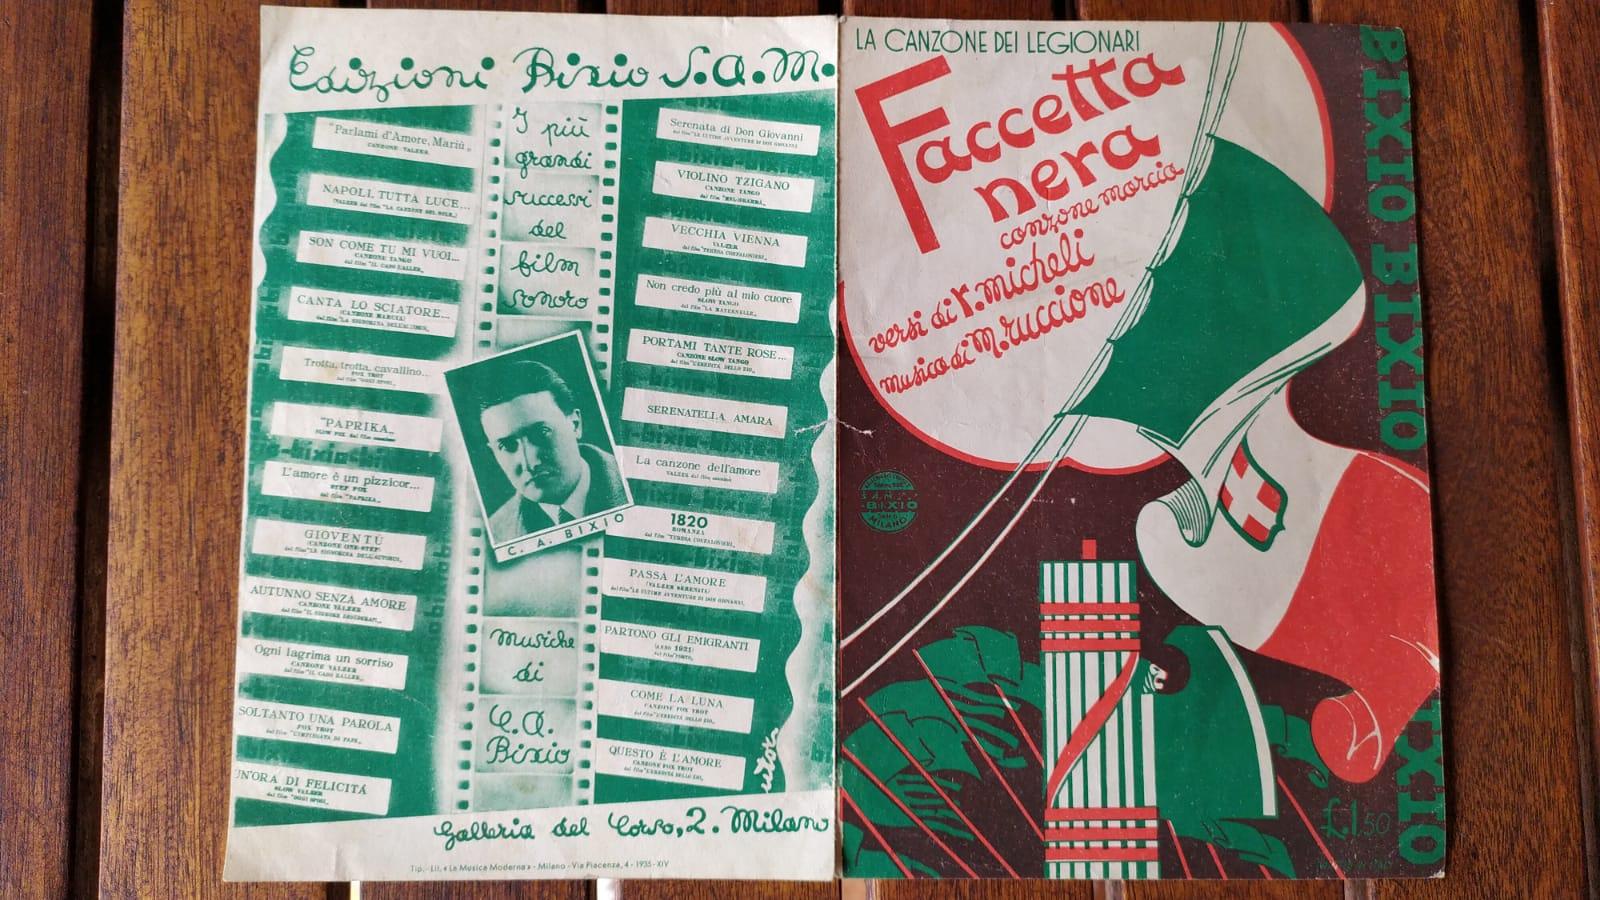 La canzone dei legionari Faccetta nera Canzone marcia da Micheli e  Ruccione: Mediocre (Poor) (1935)